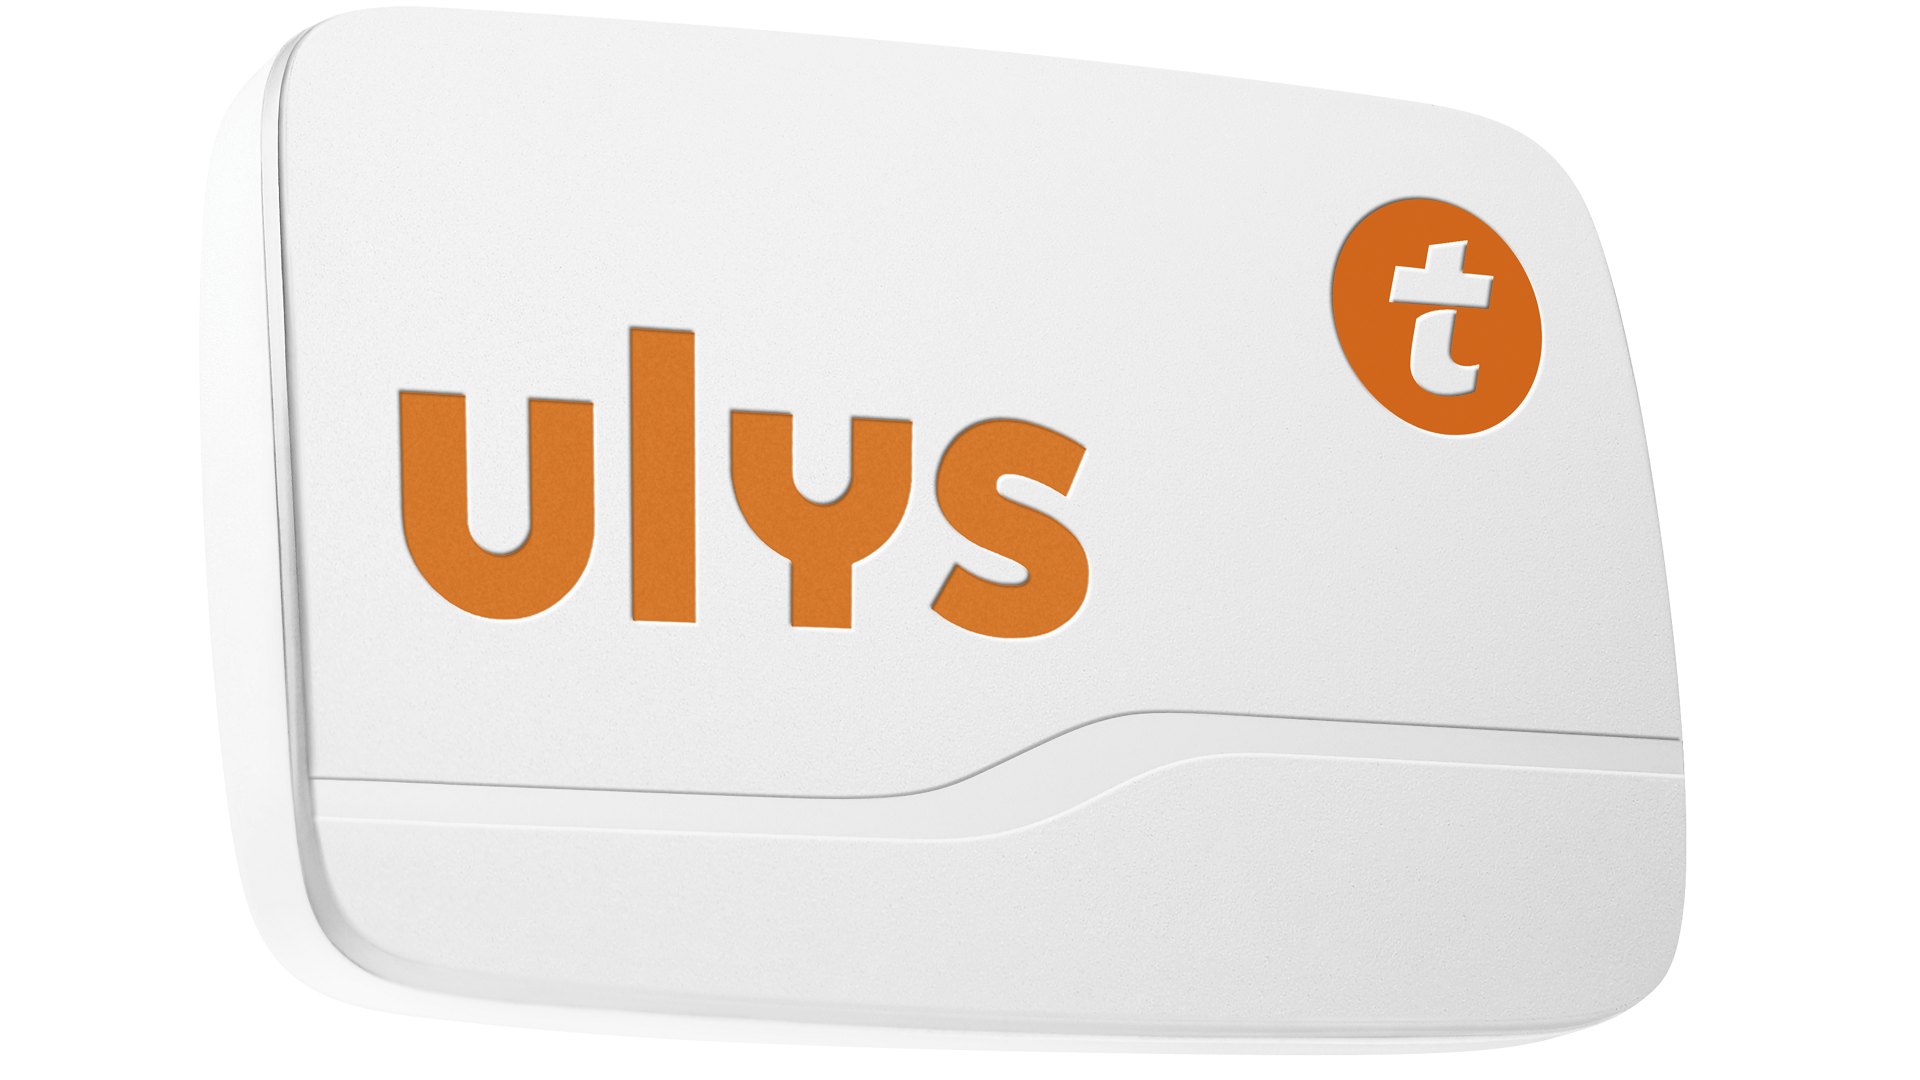 Ulys Classic: le badge télépéage est gratuit pendant 6 mois avec ce code promo